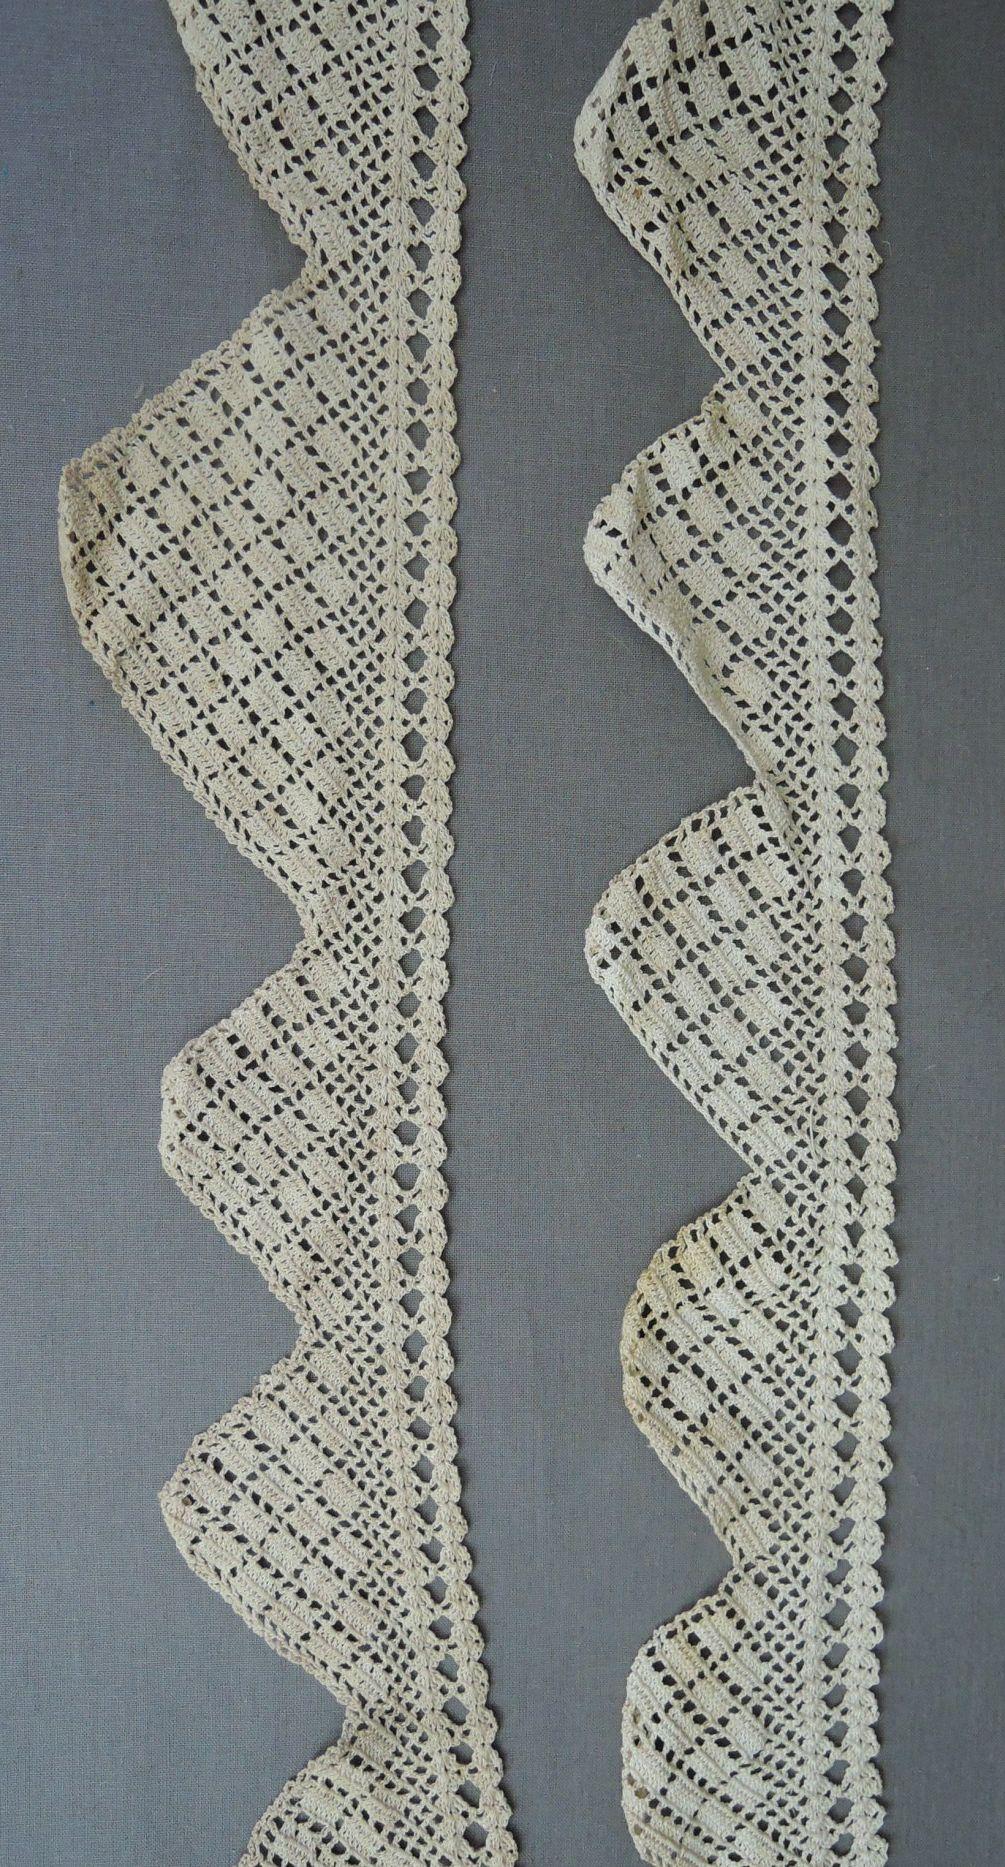 2 Pieces Antique Crochet Lace Trim, Vintage Handmade 1900s